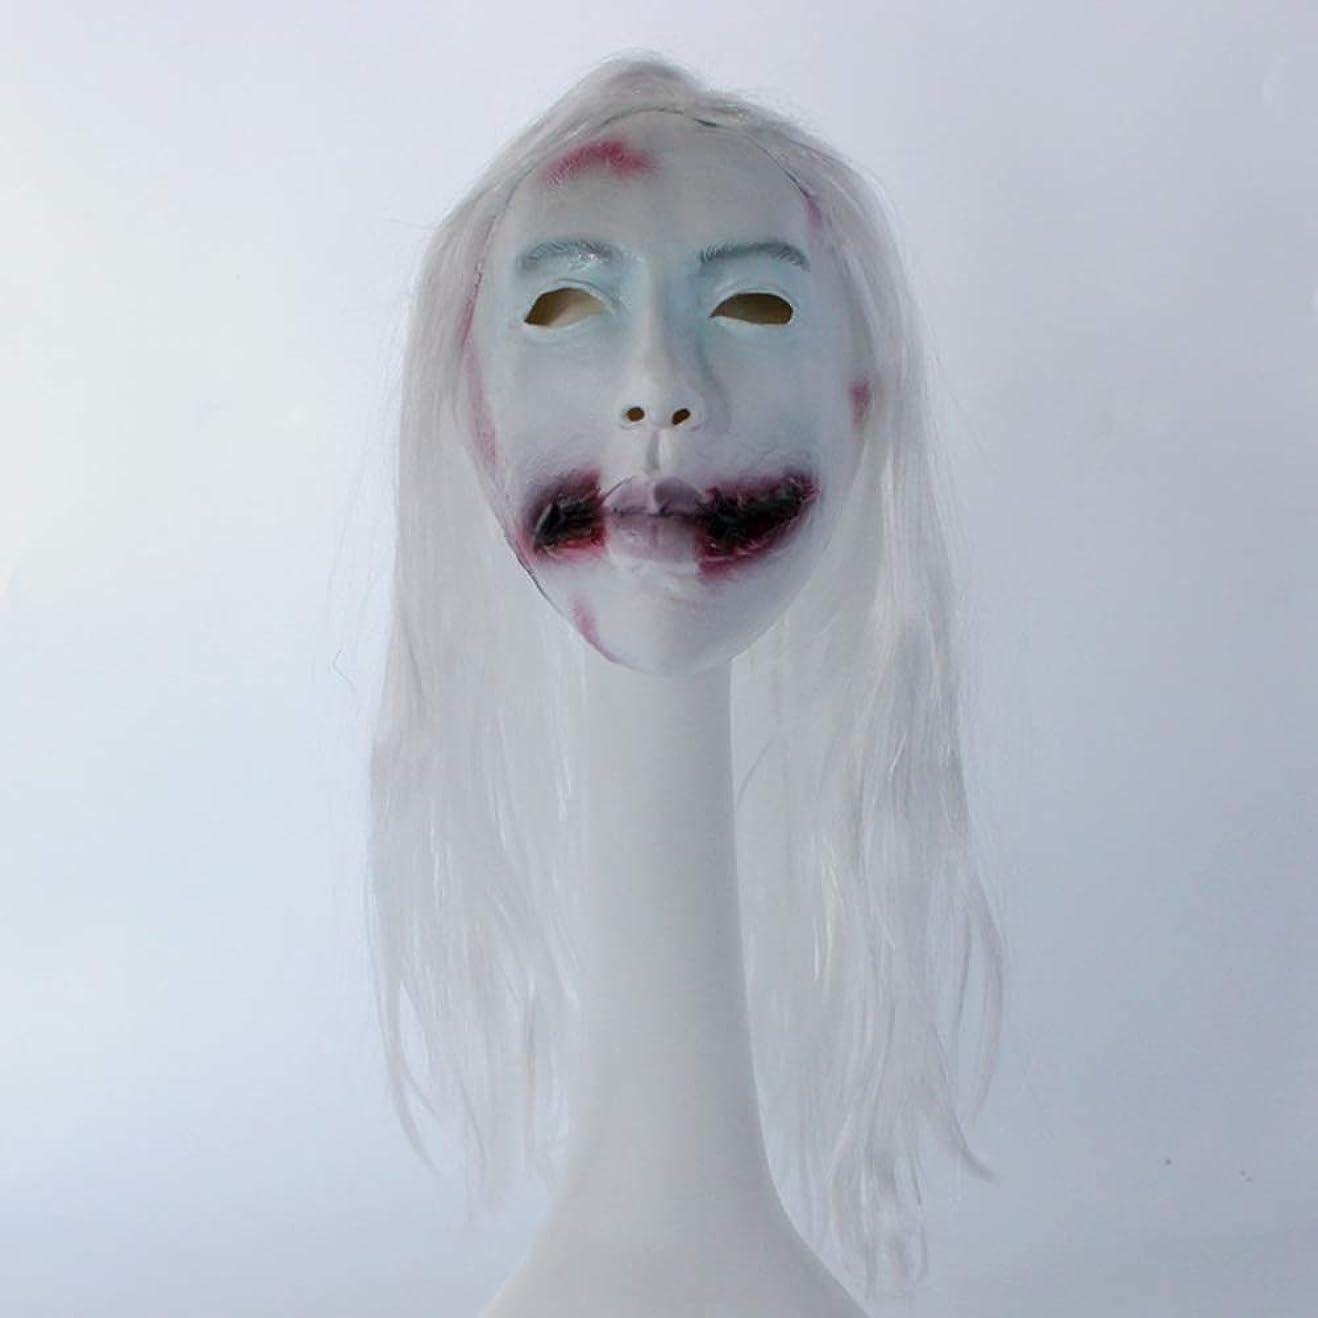 レギュラーお金ゴム考古学者ハロウィーンのホラーマスク、白髪の女性のゴーストマスク、クリエイティブな面白いヘッドマスク、パーティー仮面ラテックスマスク